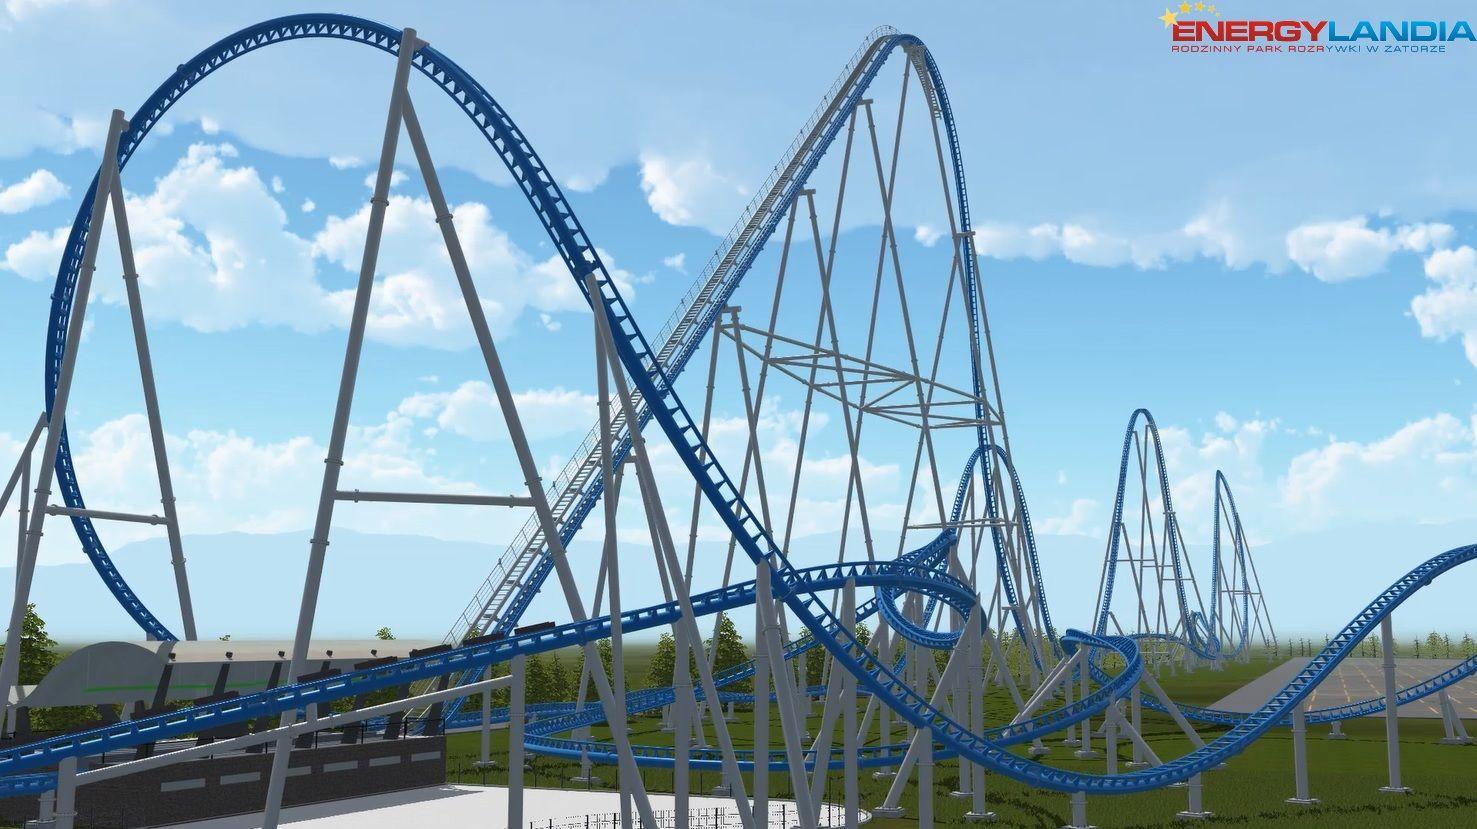 Jak powstaje największy mega coaster w Europie? [FOTO]